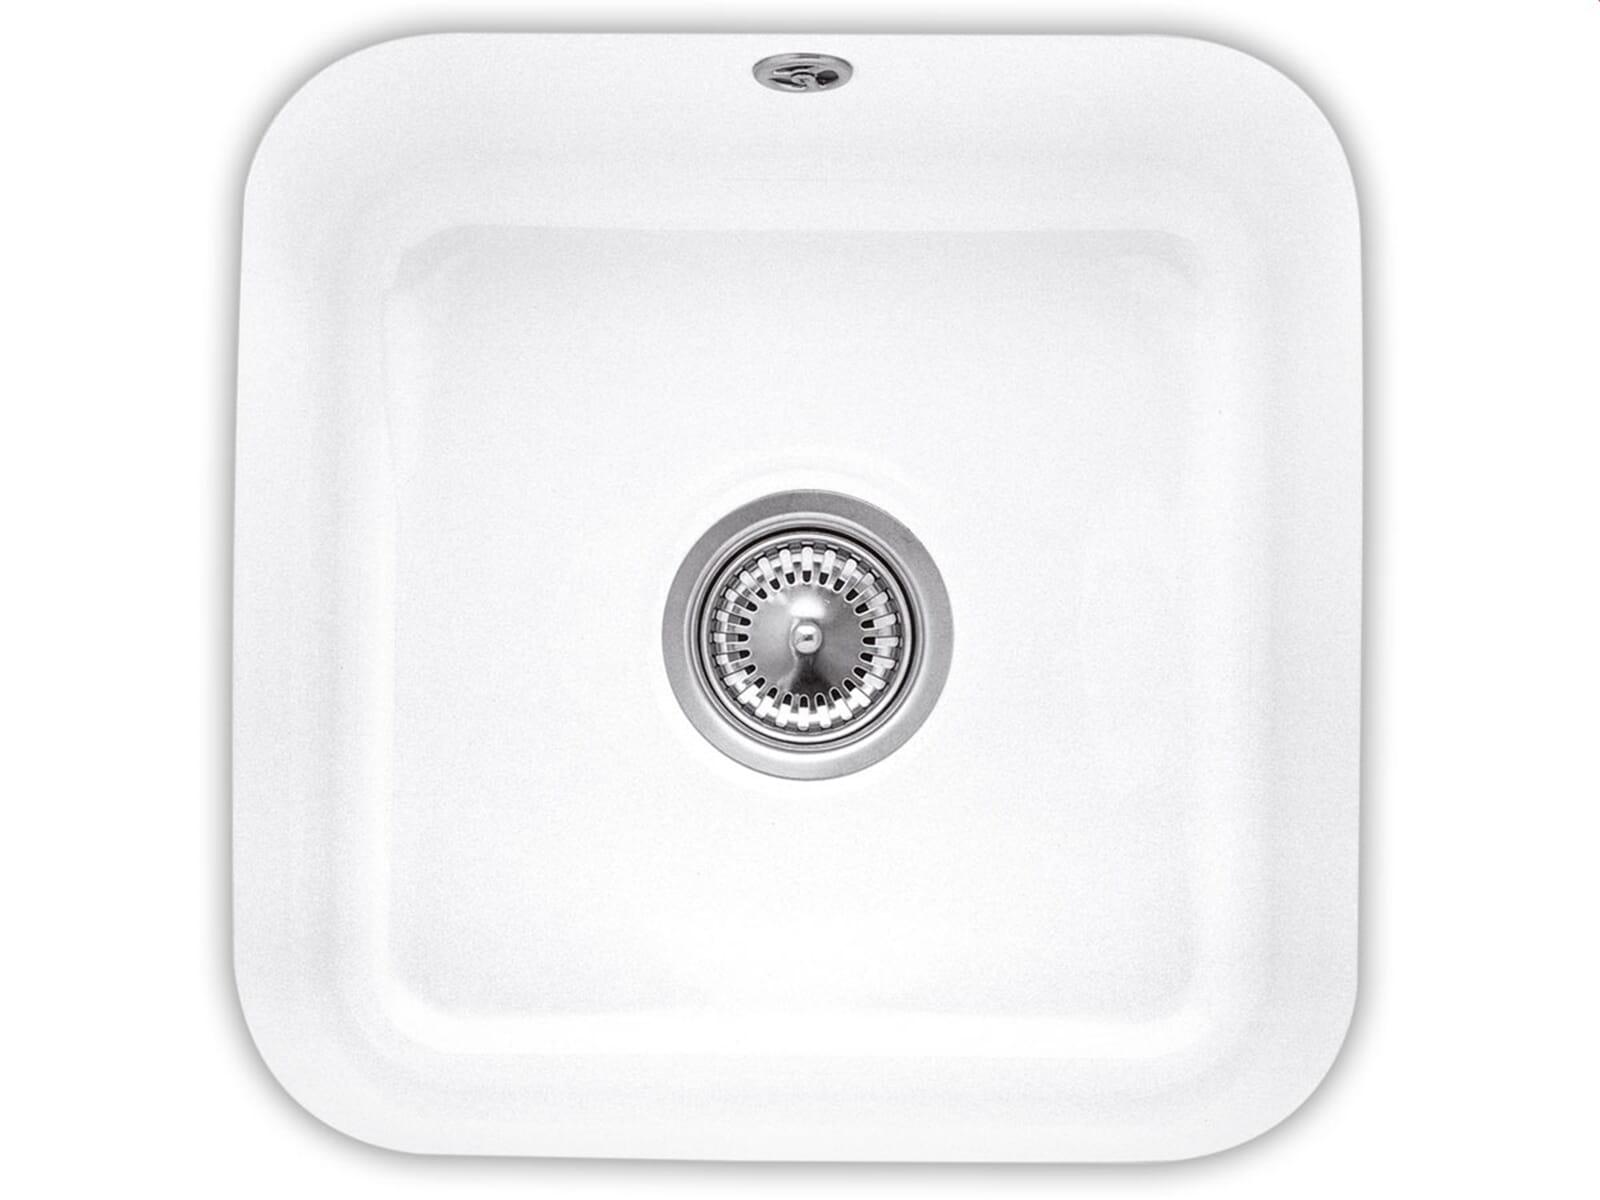 Villeroy & Boch Cisterna 50 Snow White - 6703 01 KG Keramikspüle Handbetätigung